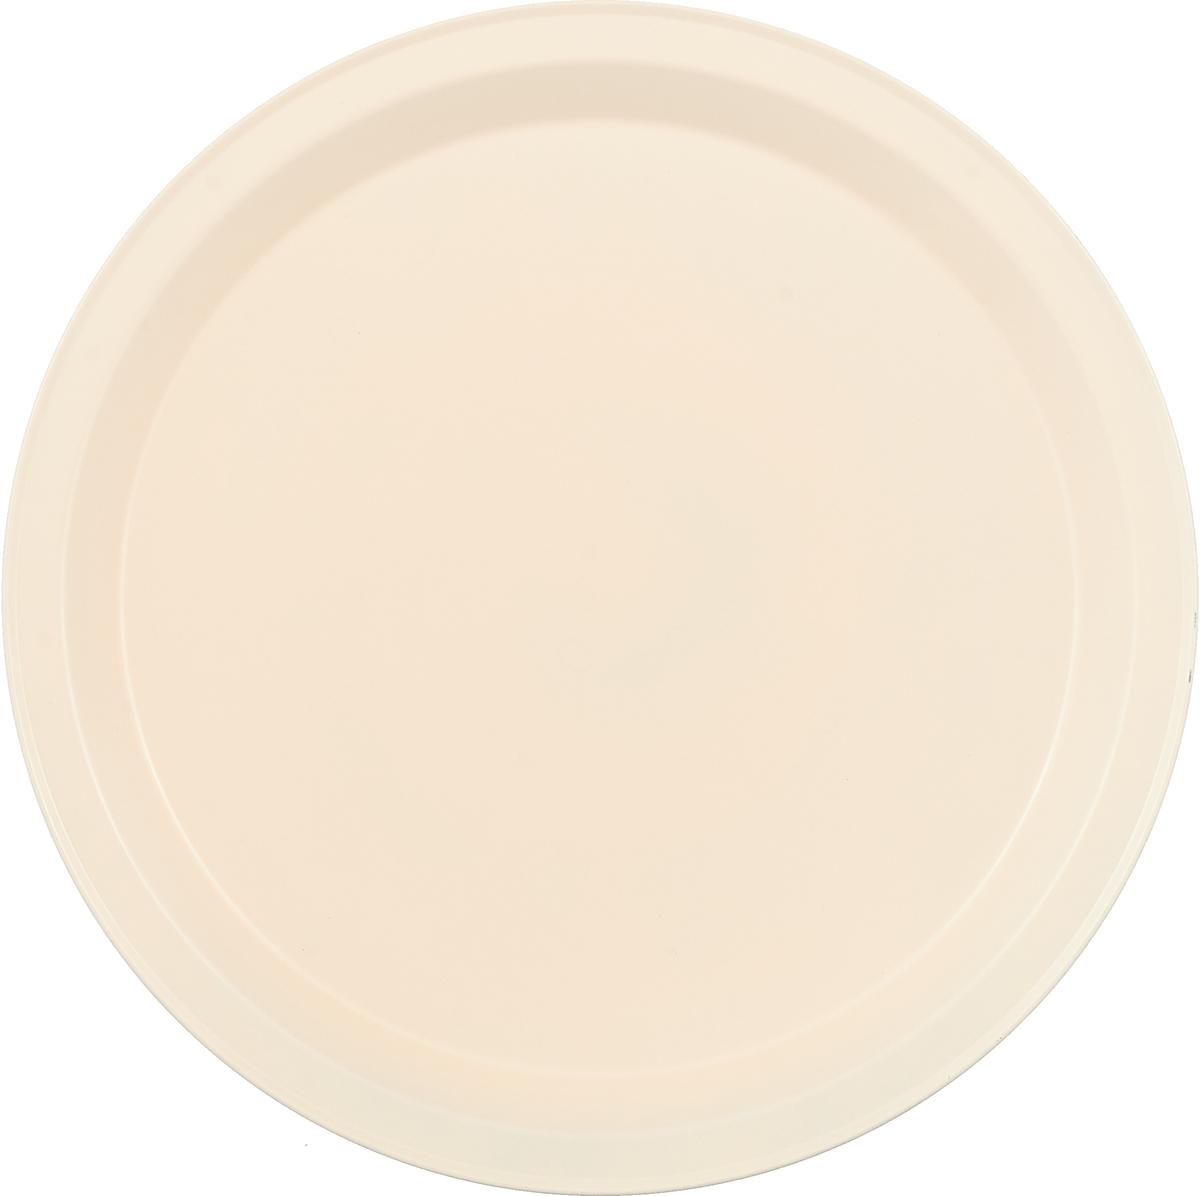 Форма для пиццы Доляна Флери. Пицца, с керамическим покрытием, цвет: оранжевый, бежевый, 26 х 1 см2395150_оранжевый, бежевыйФорма для пиццы Доляна Флери. Пицца, с керамическим покрытием, цвет: оранжевый, бежевый, 26 х 1 см